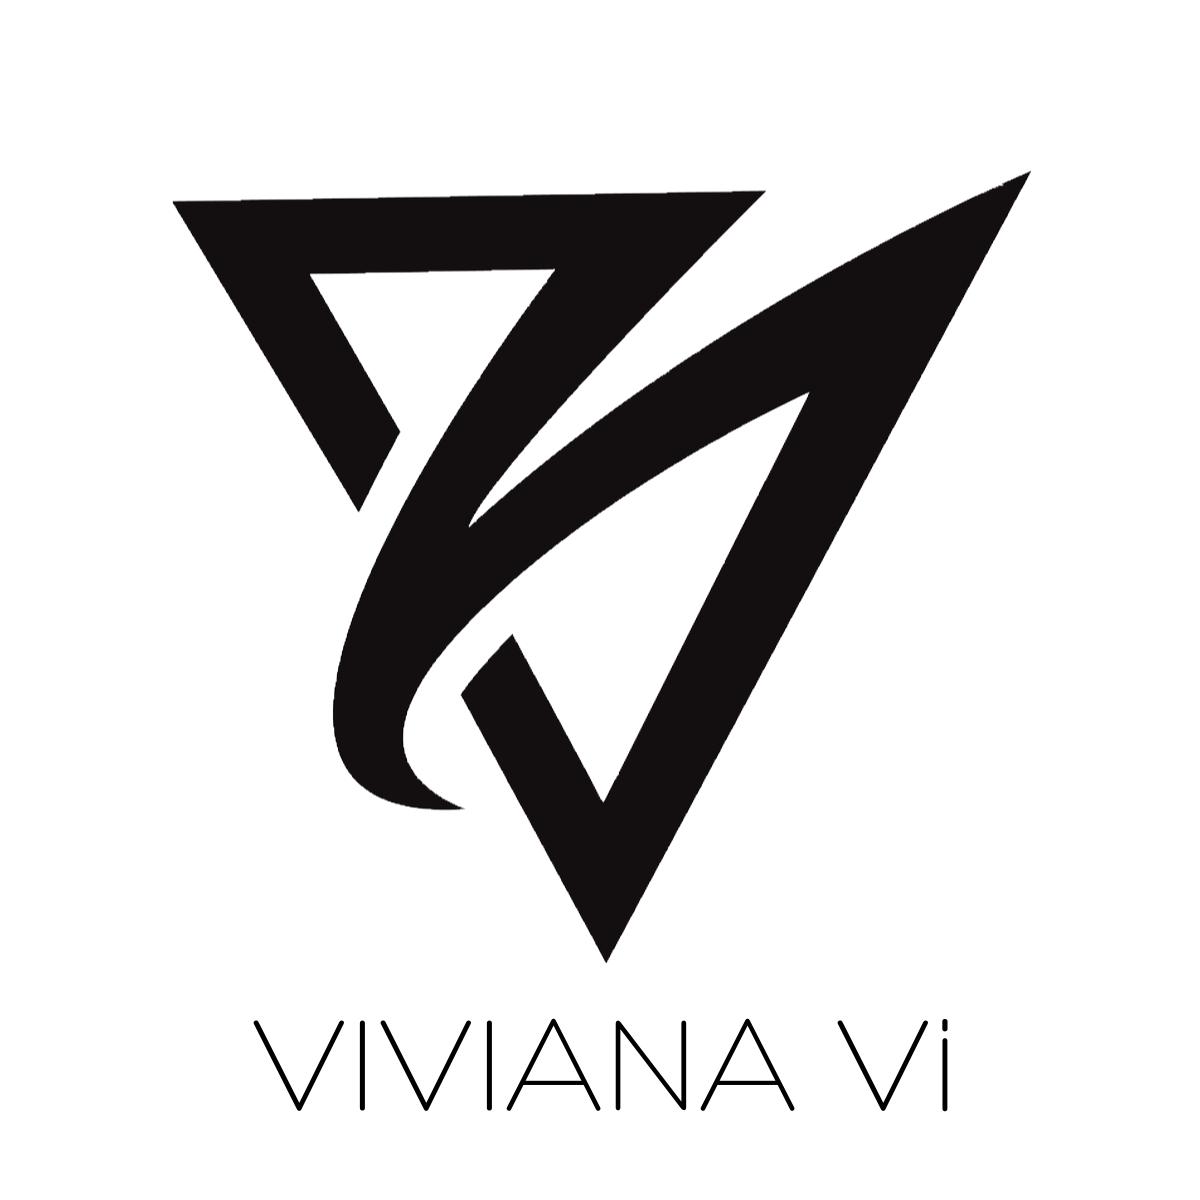 VIVIANA Vi